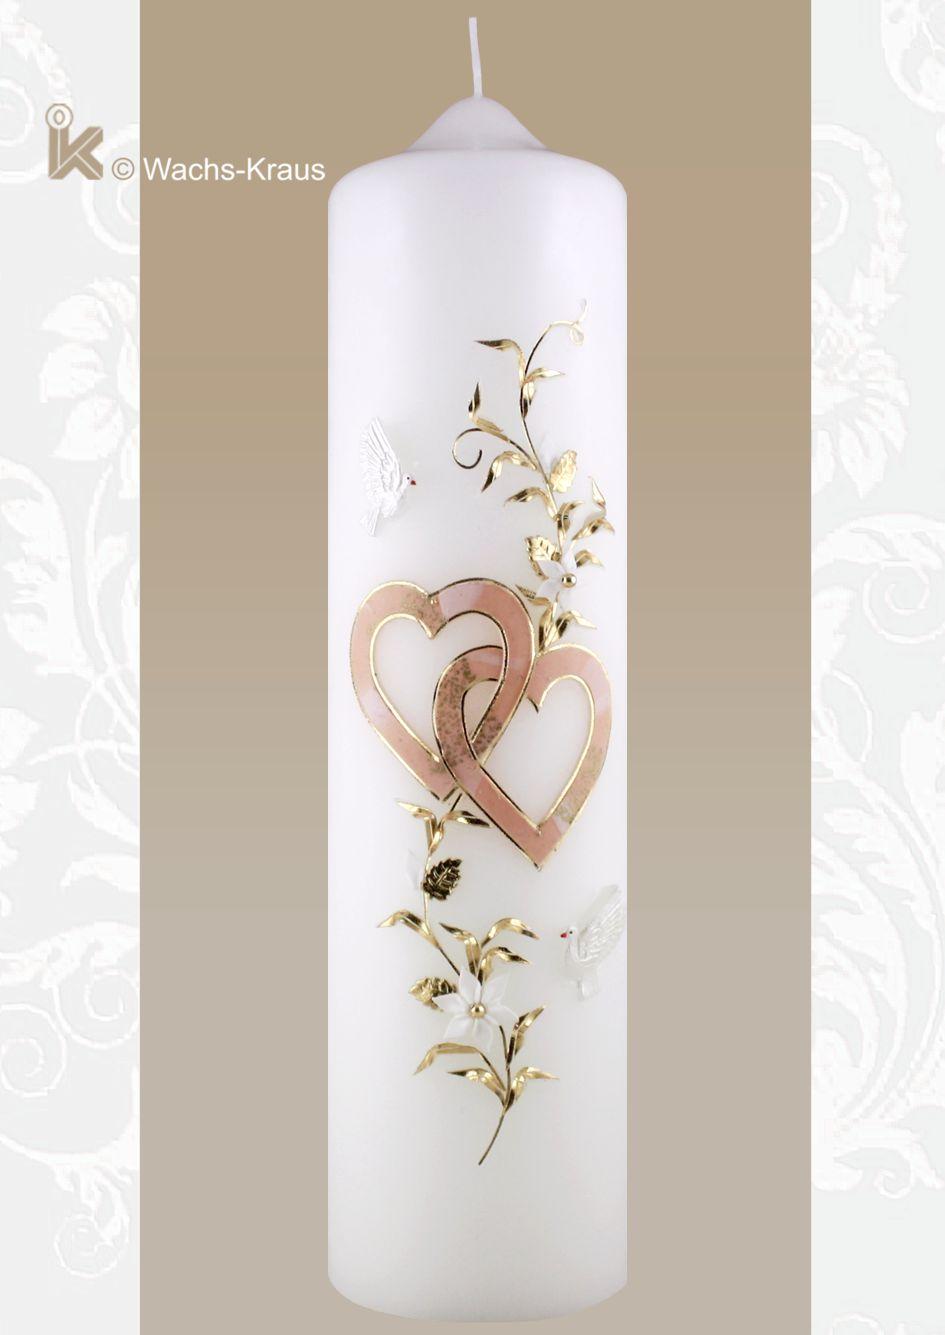 Liebevoll ausgearbeitete Hochzeitskerze. Zwei, ineinander verschlungene Herzen in dezentem apricot und dazu eine Blumenranke und ein Paar Tauben.